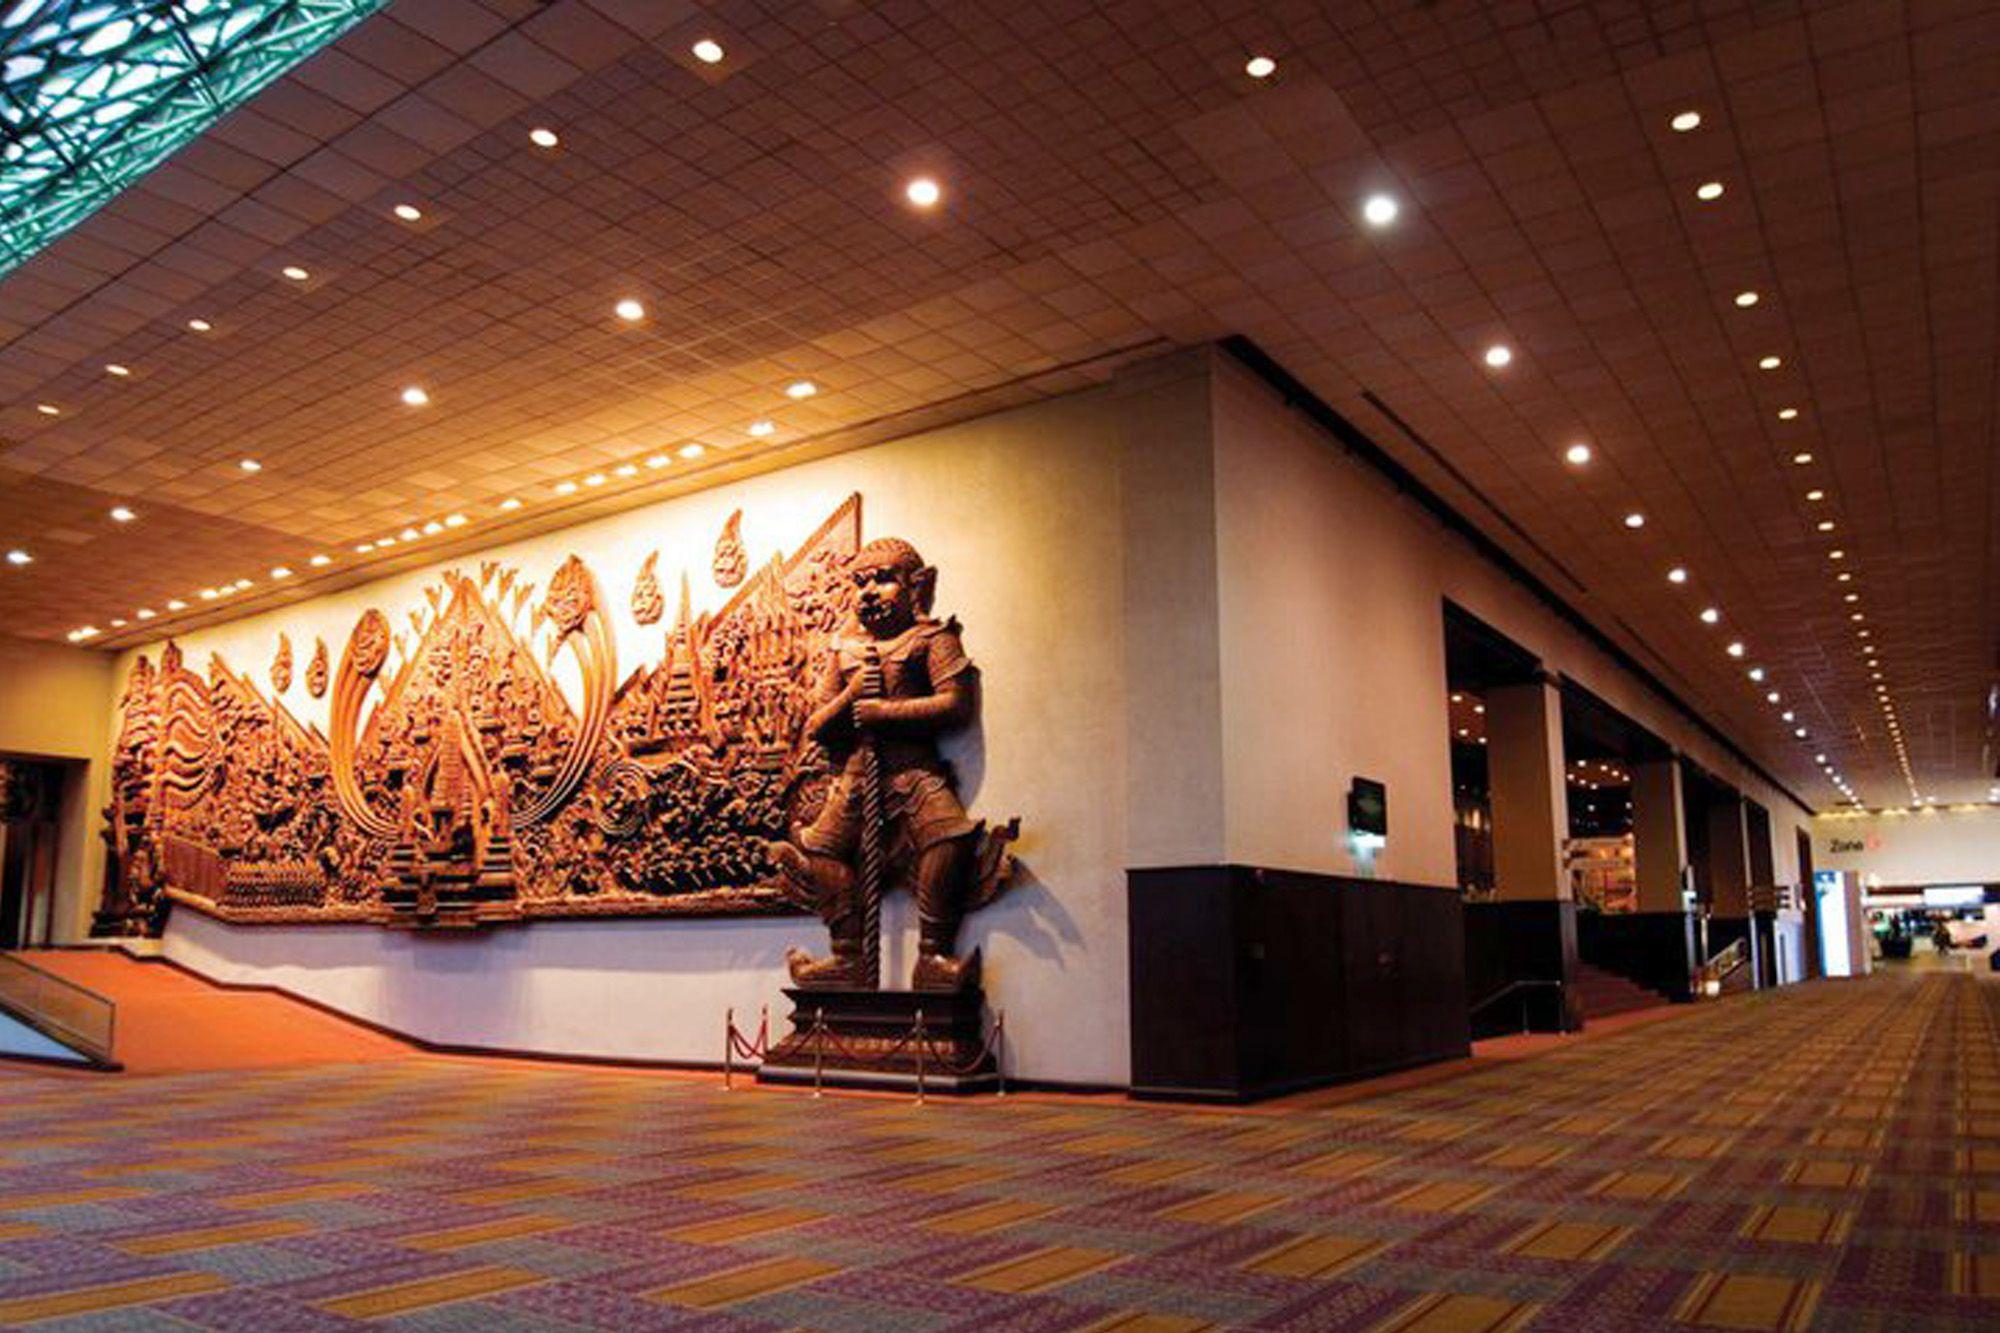 詩麗吉王后國家展覽中心 Queen Sirikit National Convention Center QSNCC 泰國 展覽中心